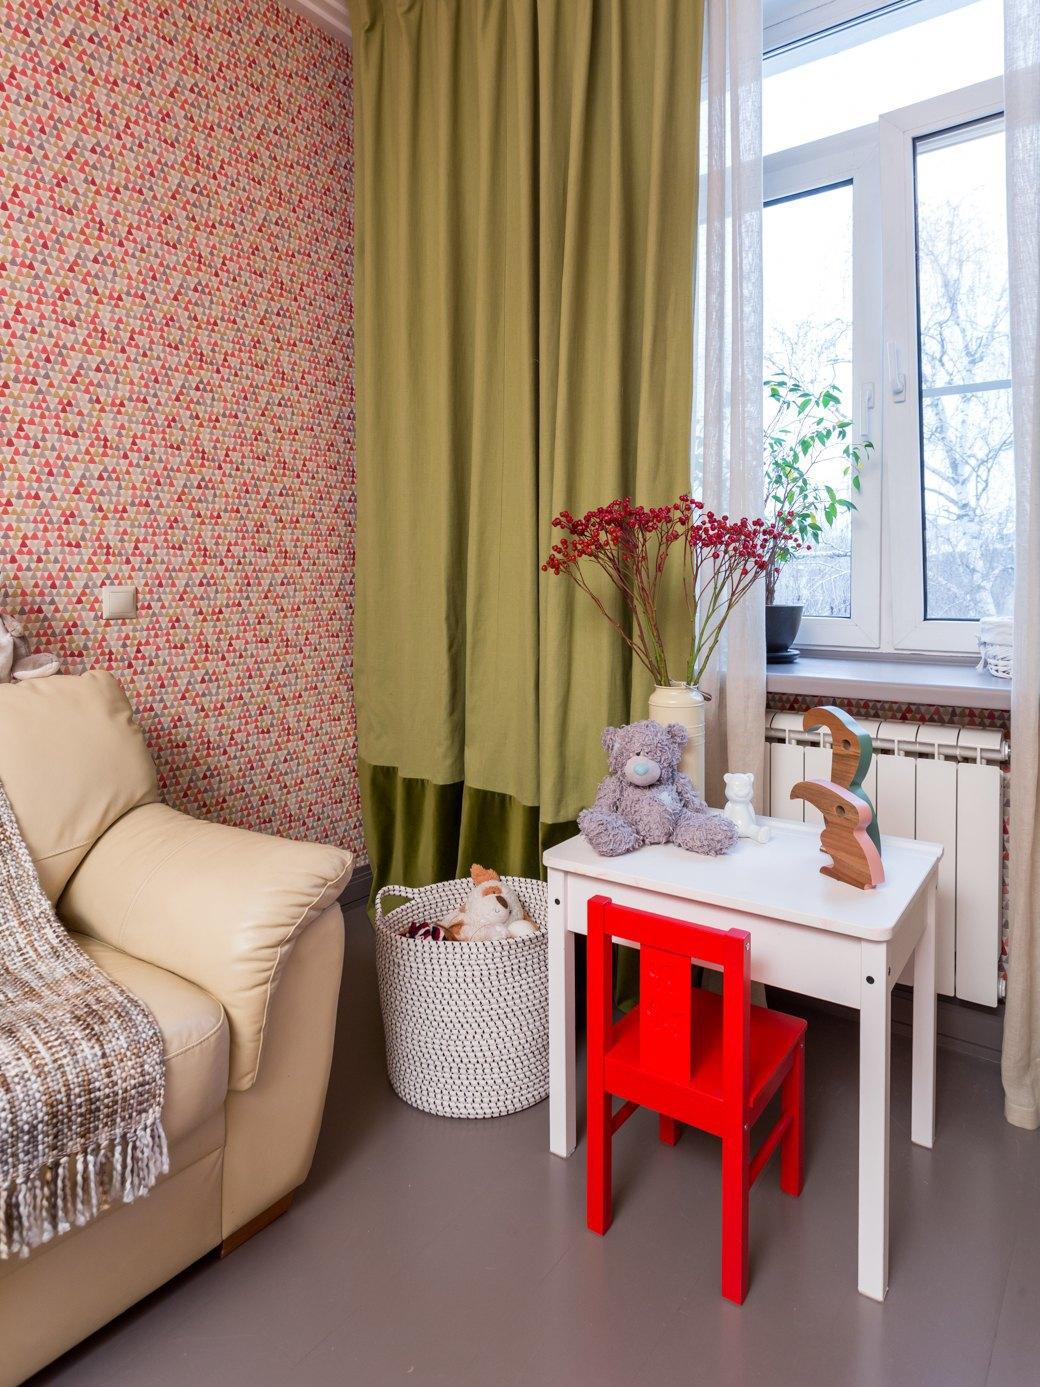 Квартира с яркими акцентами длябольшой семьи. Изображение № 4.